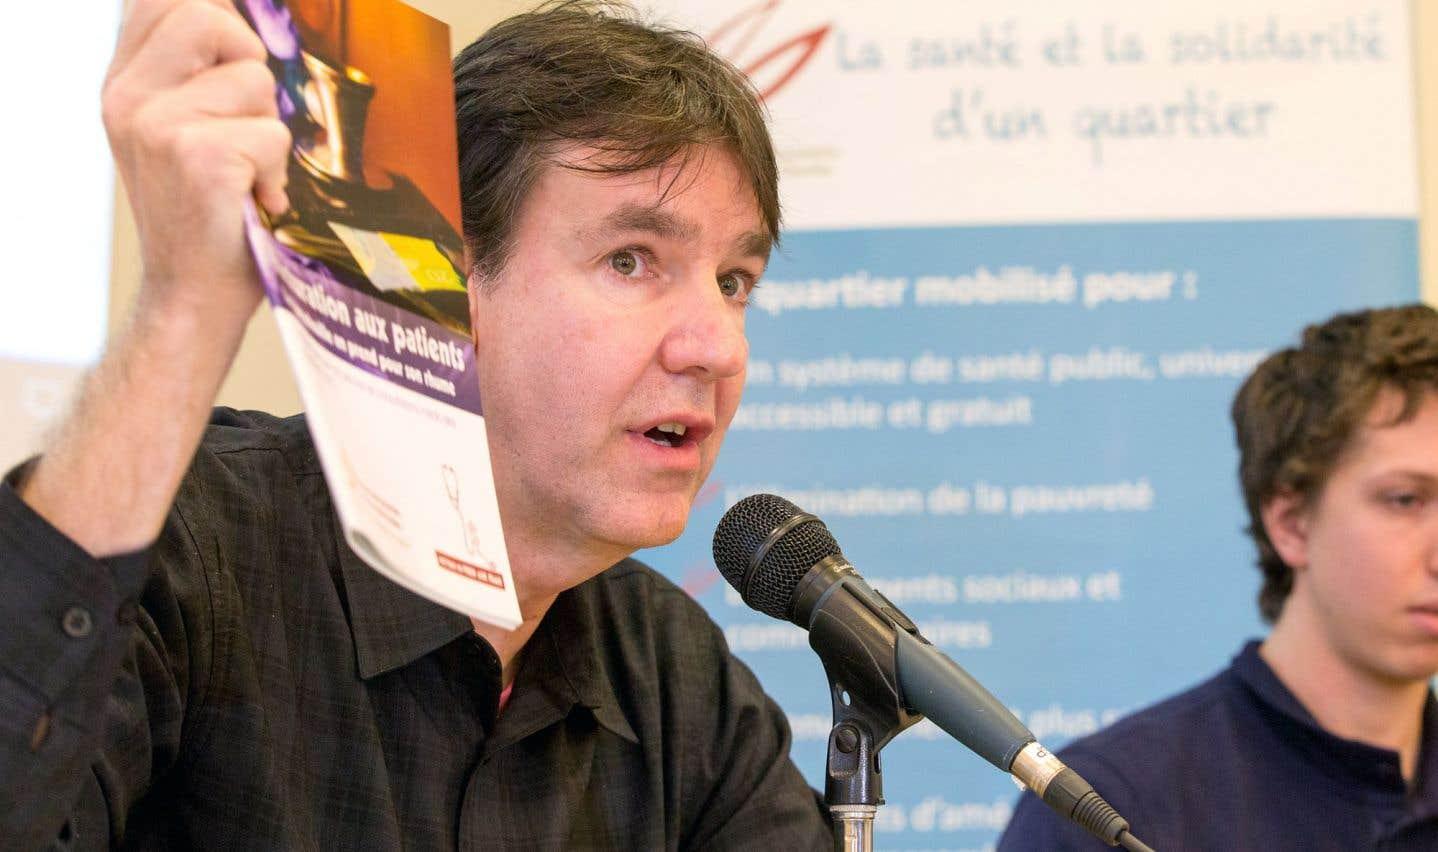 L'organisateur communautaire Stéphane Defoy affirme que le recours à la justice sera envisagé, si nécessaire.